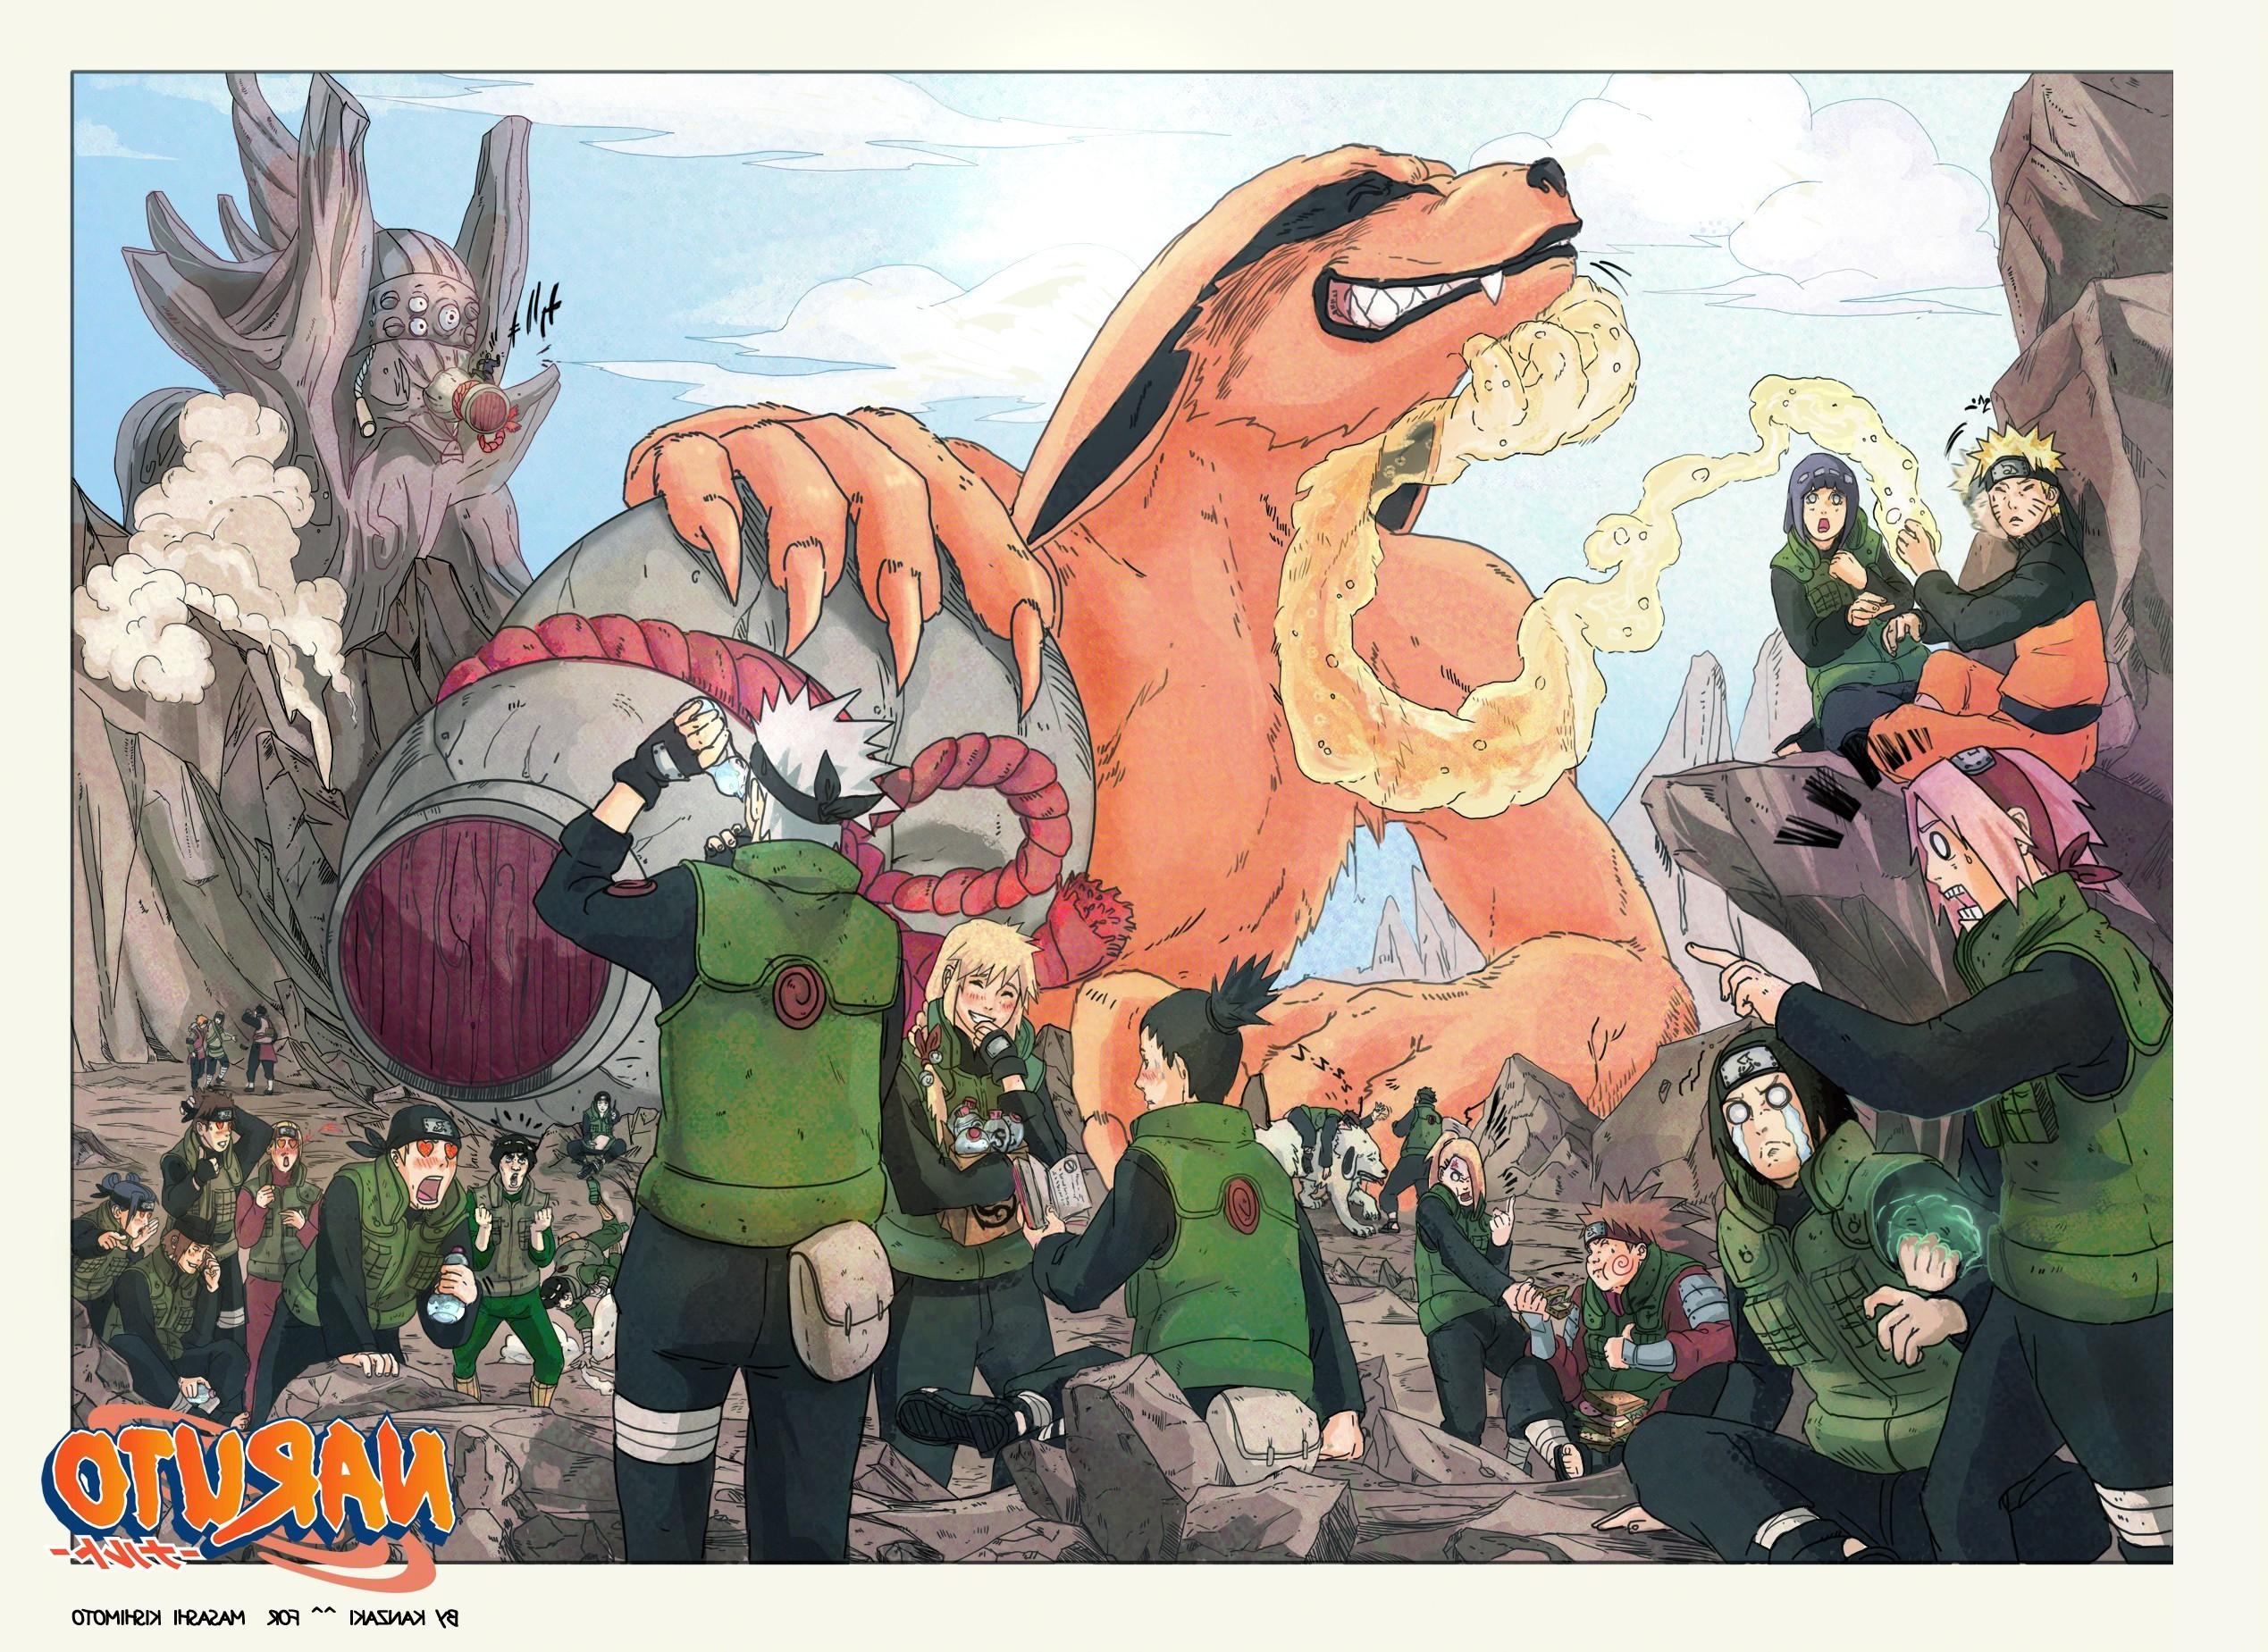 Res: 2538x1849, Uzumaki Naruto, Hyuuga Hinata, Haruno Sakura, Hyuuga Neji, Yamanaka Ino, Inuzuka  Kiba, Kyuubi, Nara Shikamaru, Hatake Kakashi, Anime, Crossover Wallpapers  ...